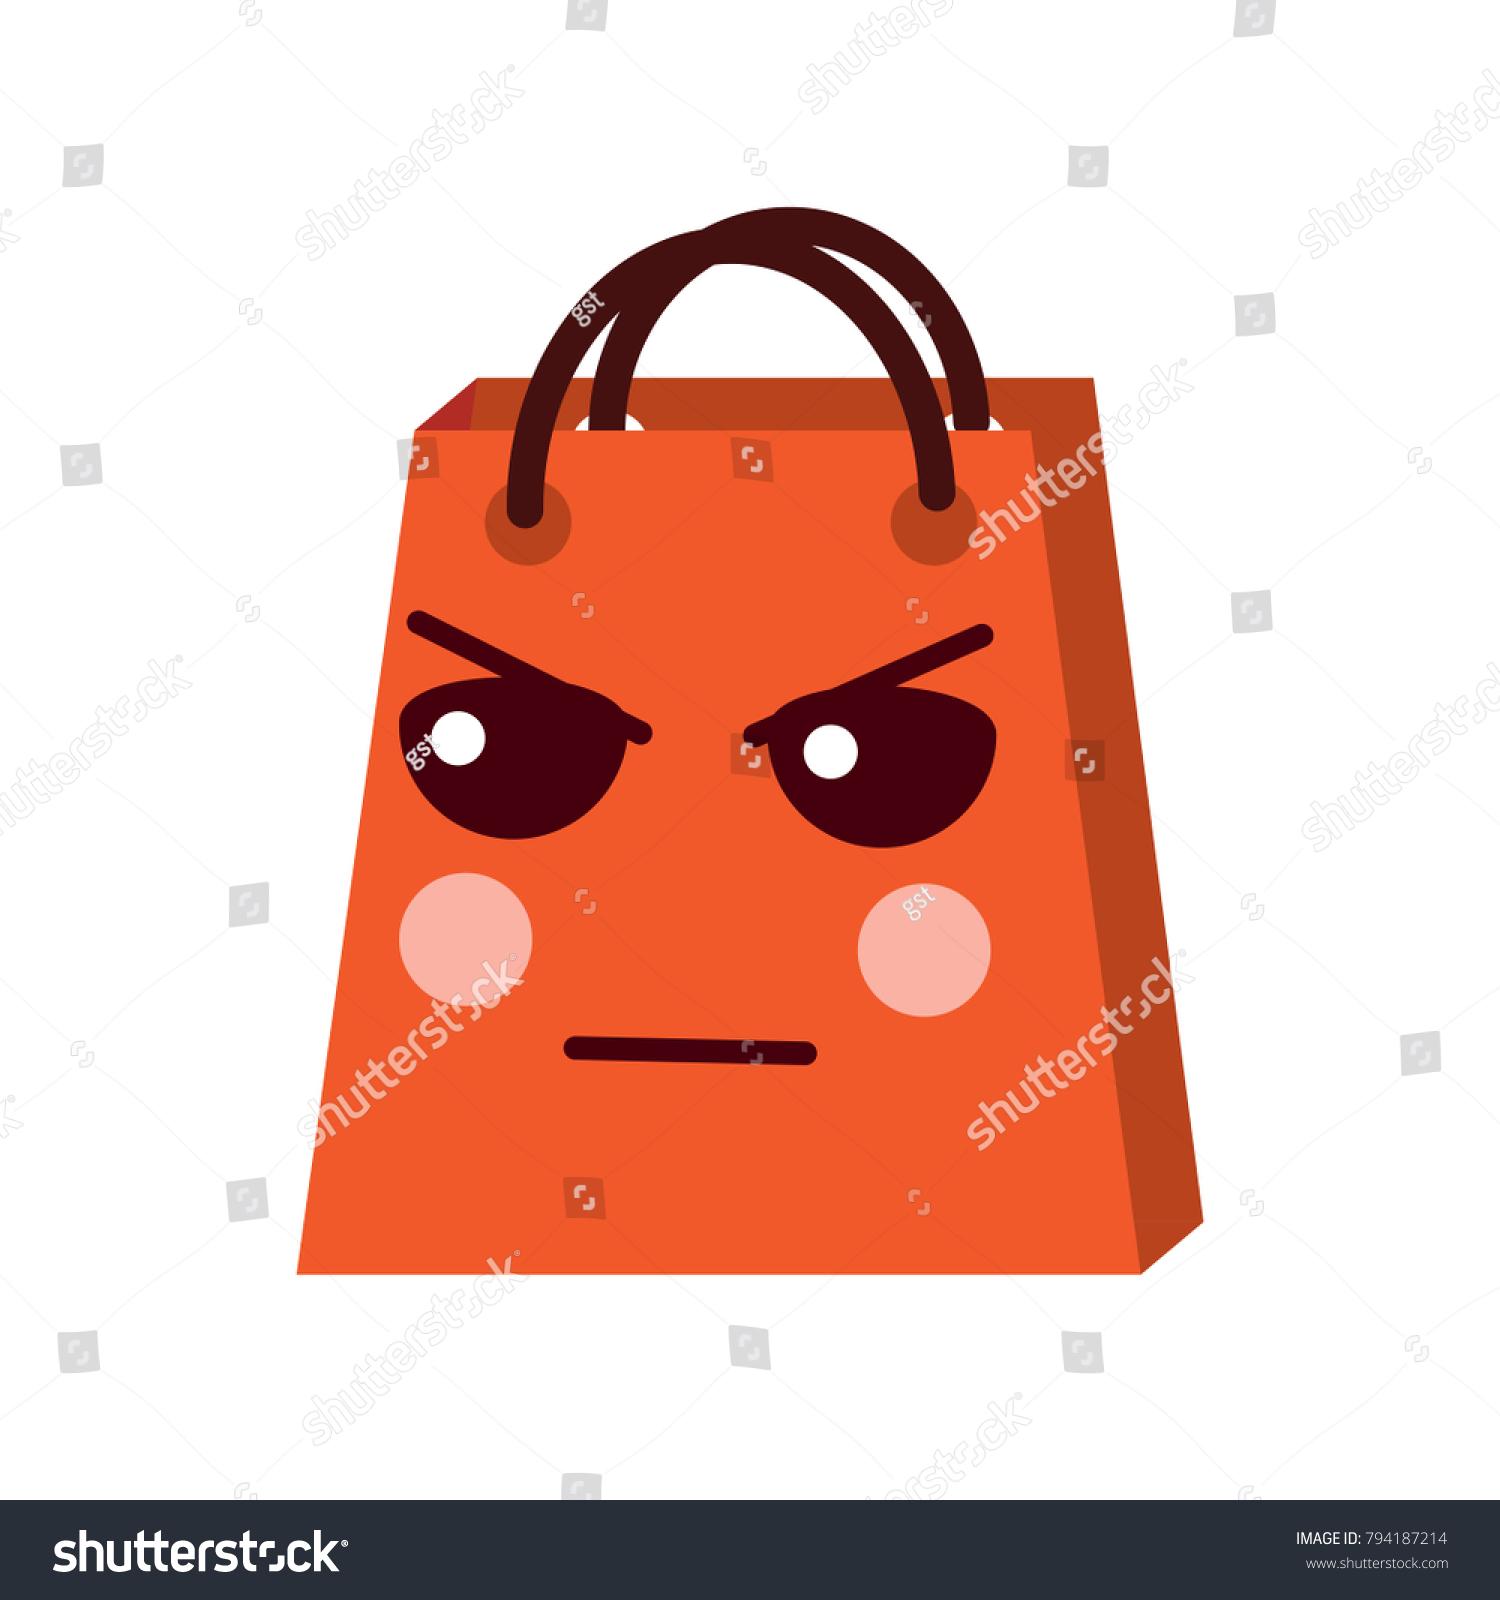 Kawaii Shopping Bag Cartoon Sad Expression Stock Vector HD (Royalty ...